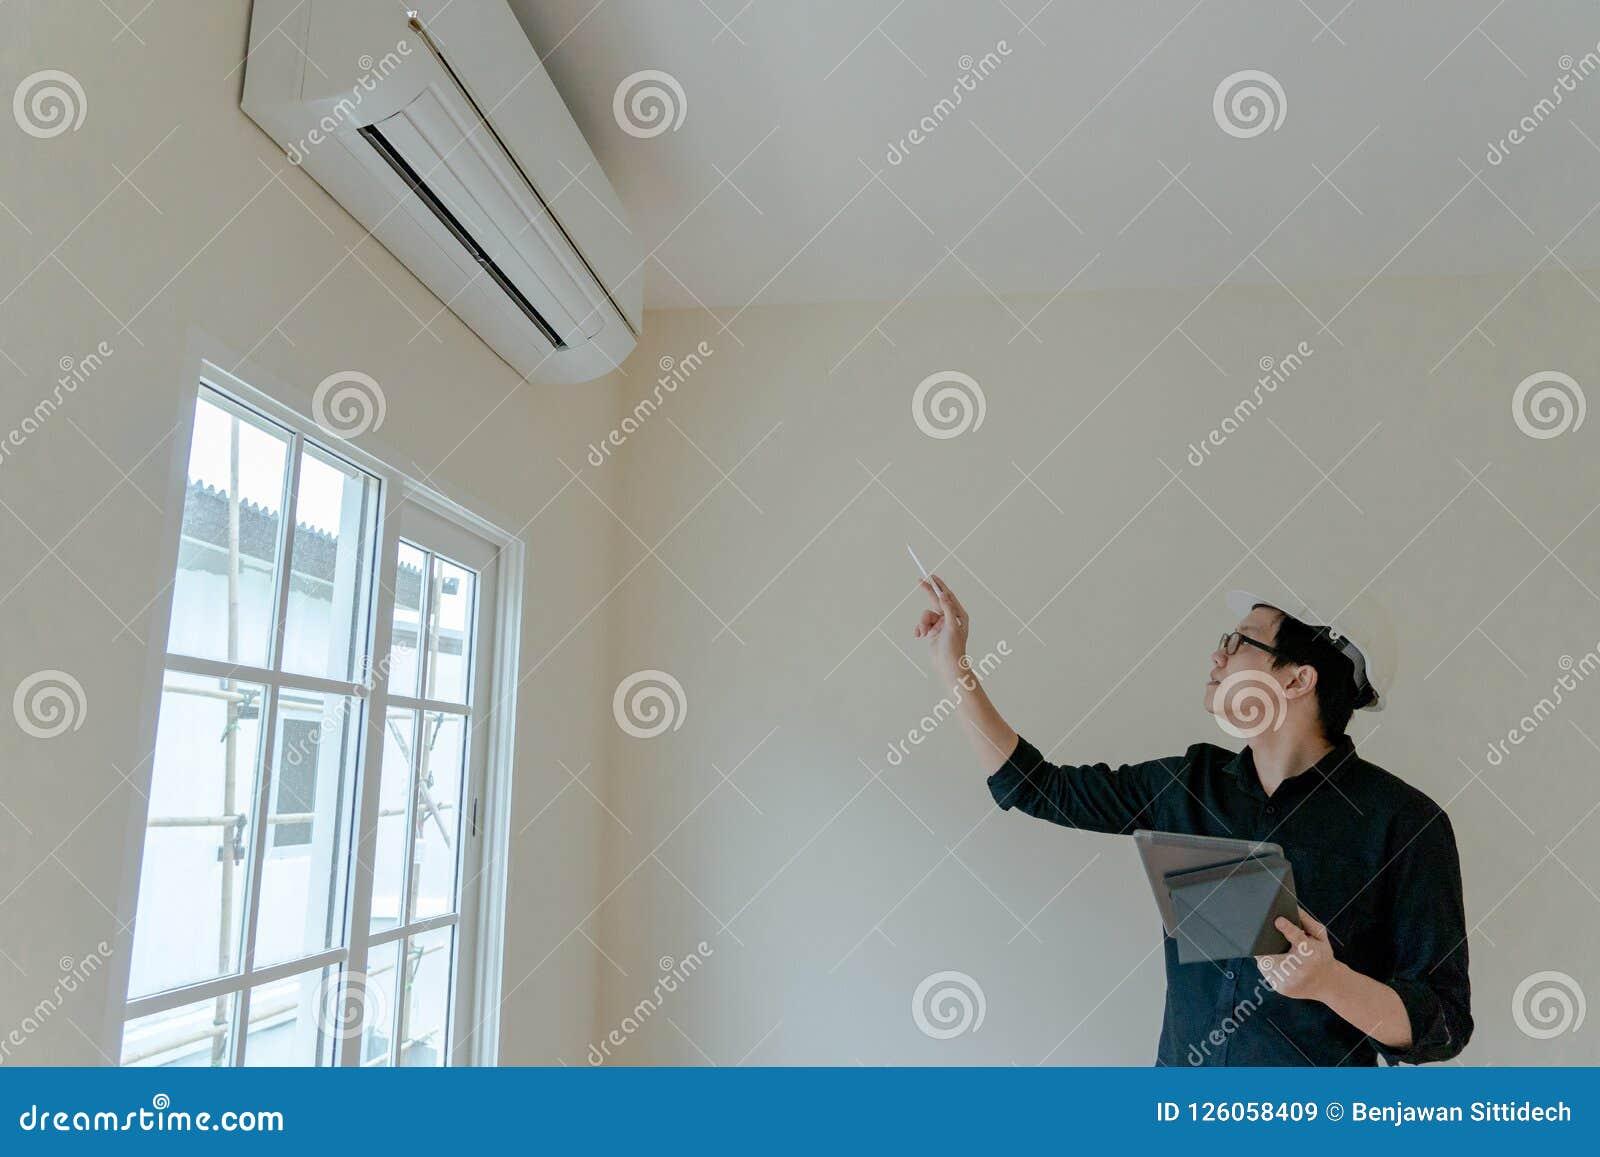 Técnico asiático que verifica o condicionador de ar